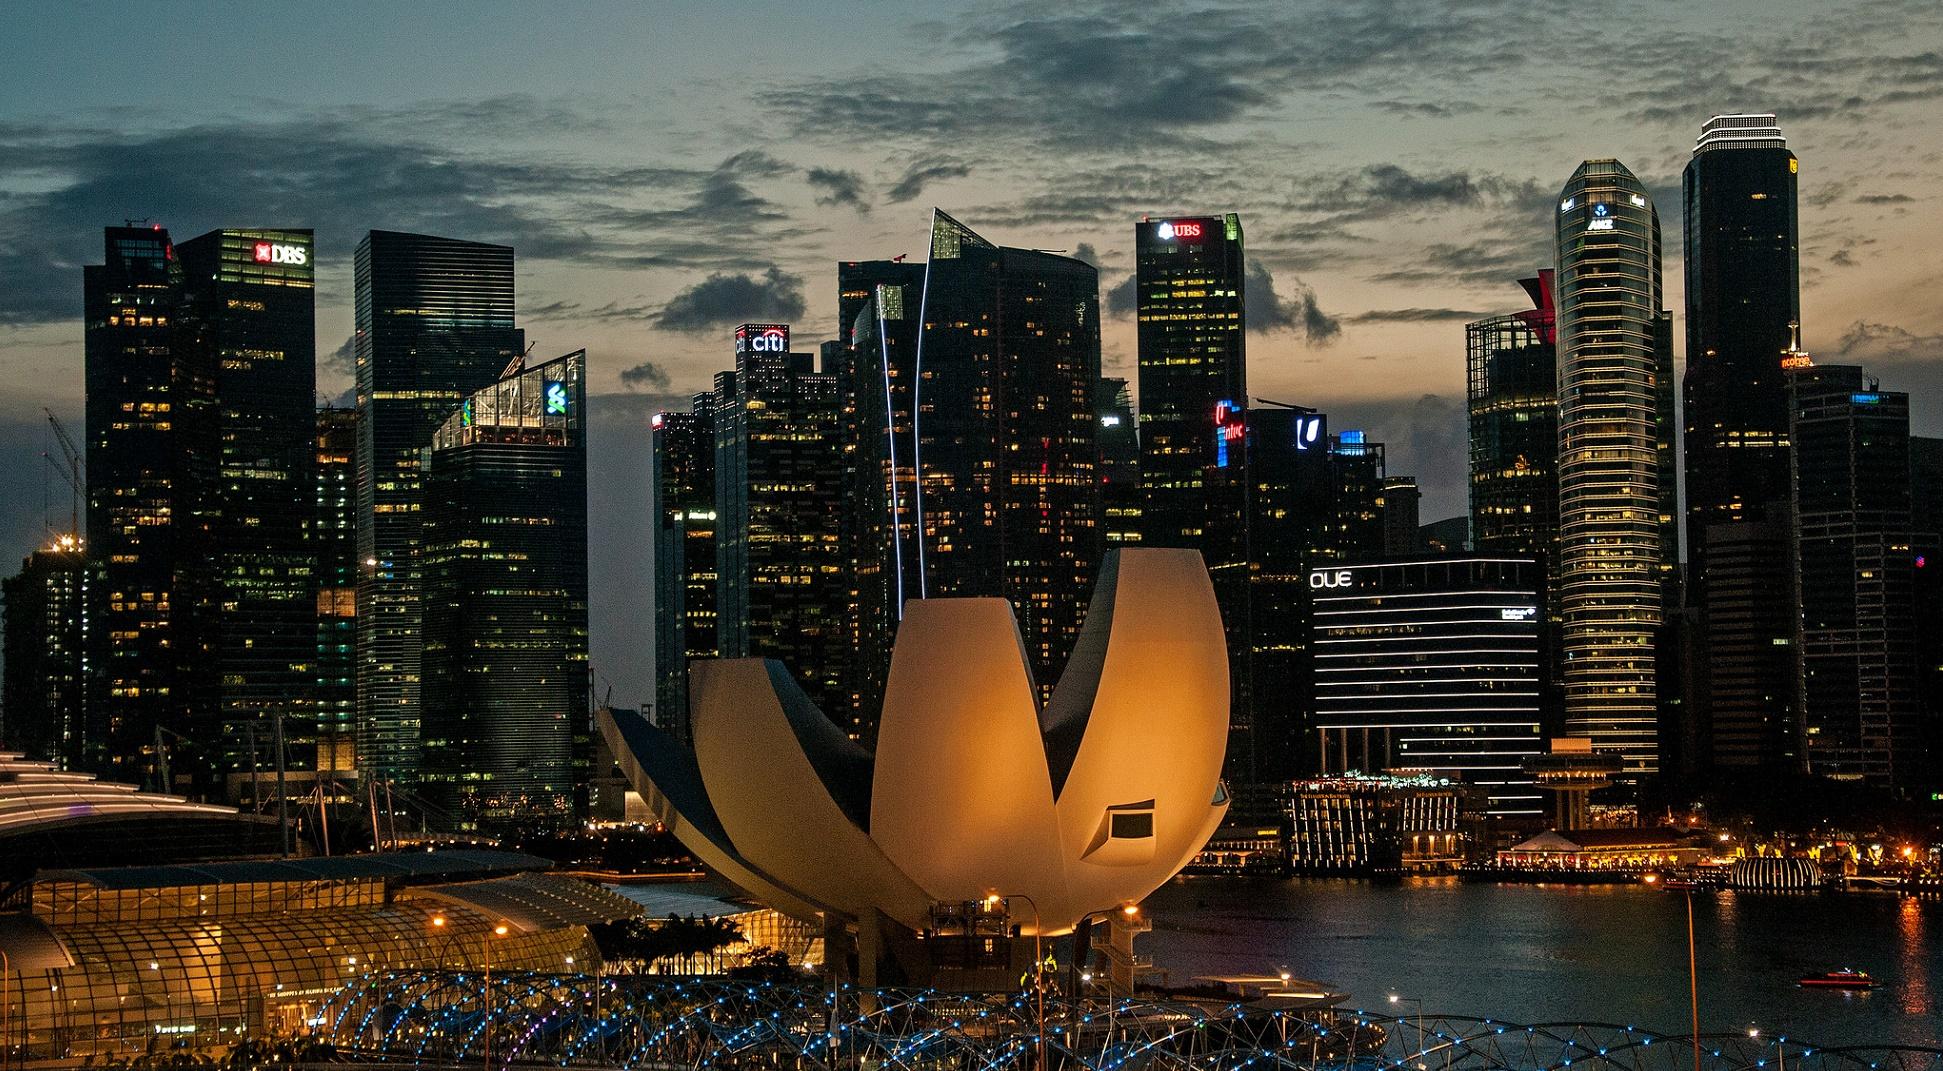 Singapur tendrá conectividad LTE de 1Gbps en 2017